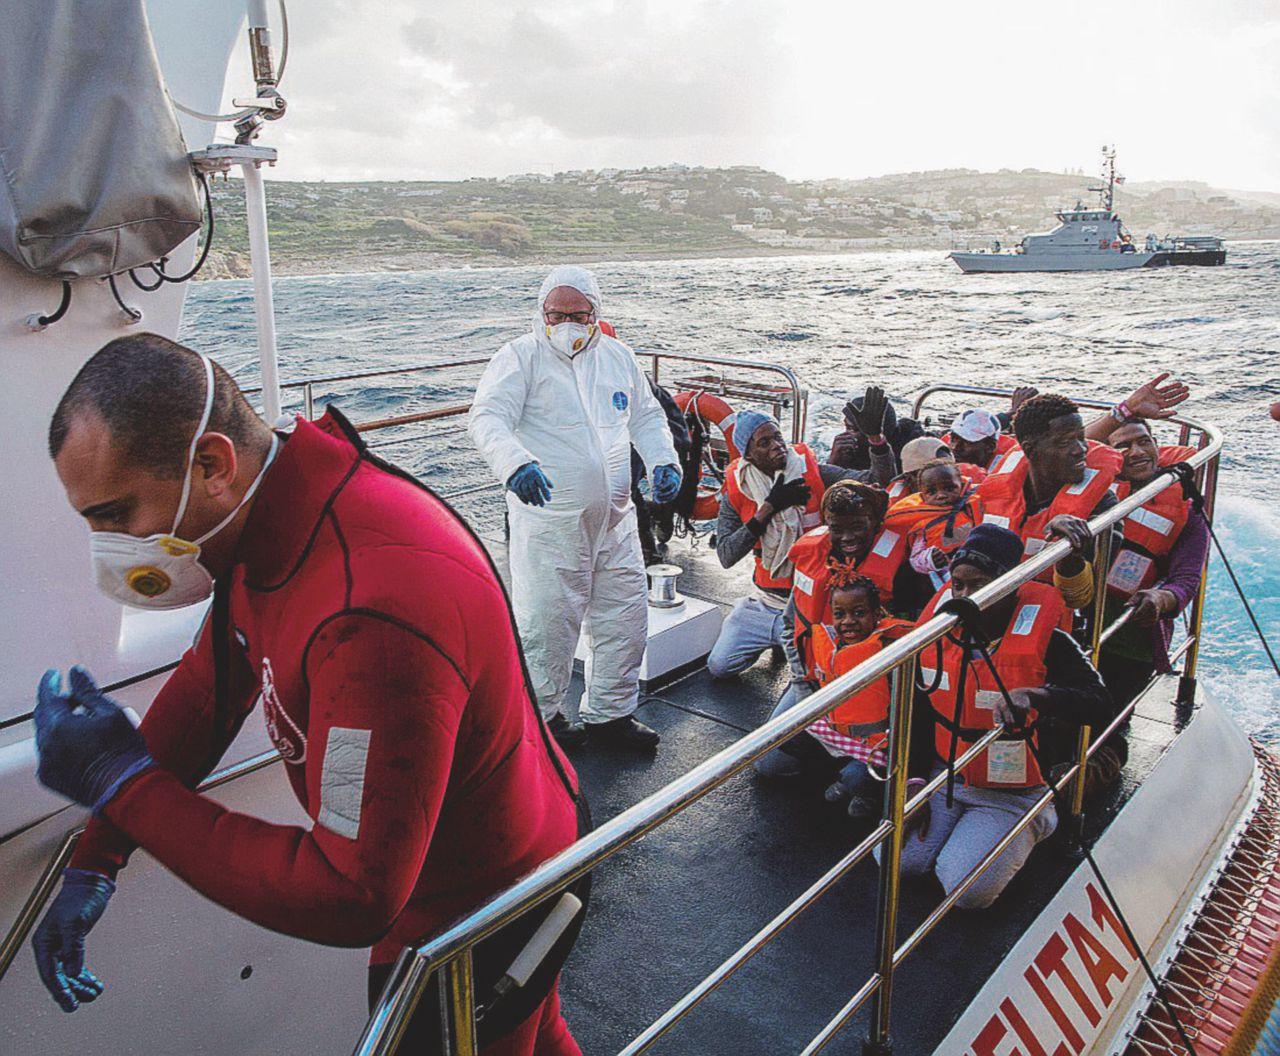 Ecco la sicurezza bis: reprimere il dissenso e multare le navi Ong